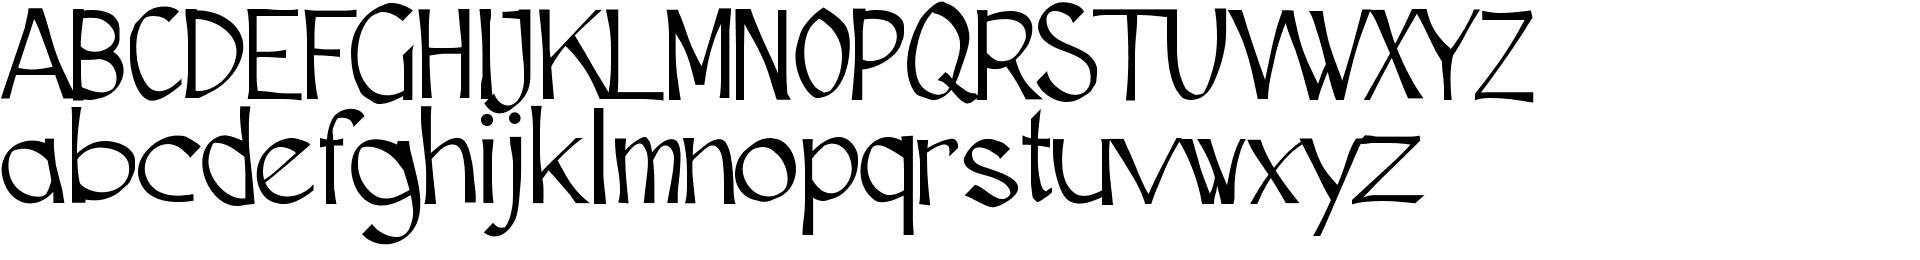 Cutscript